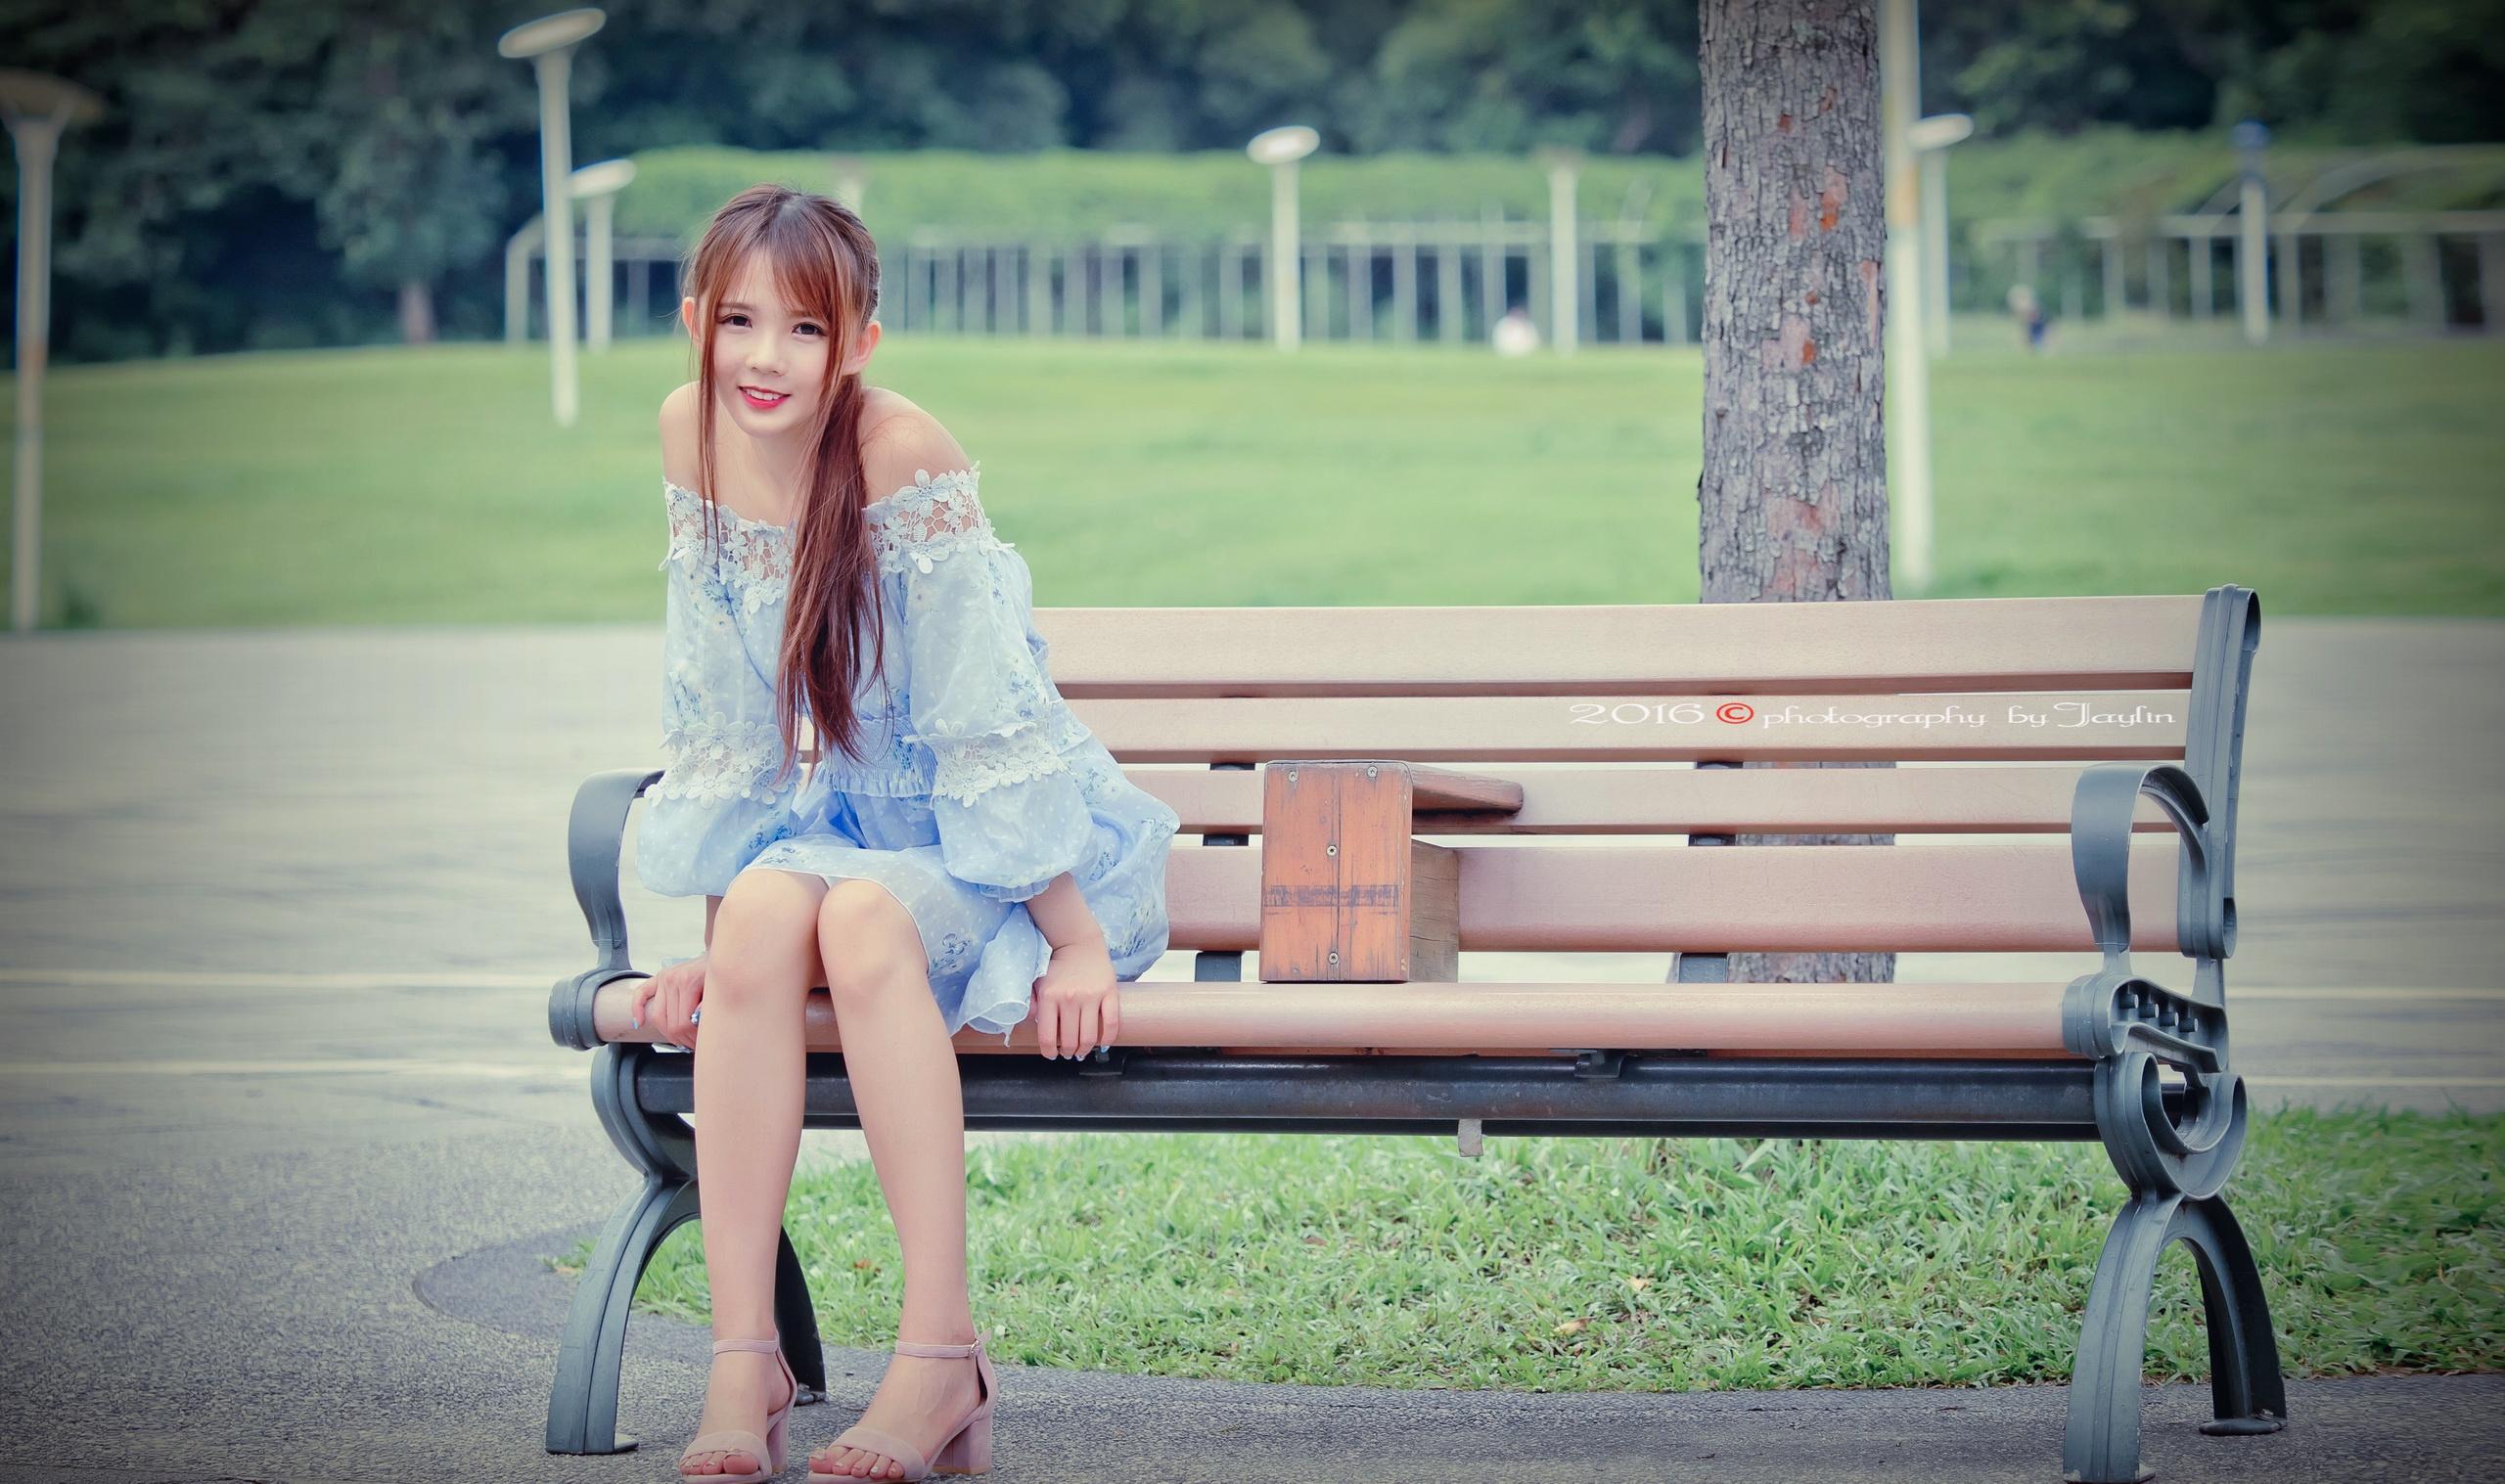 передачу видео как сделать красивое фото на скамейке каплях представляет